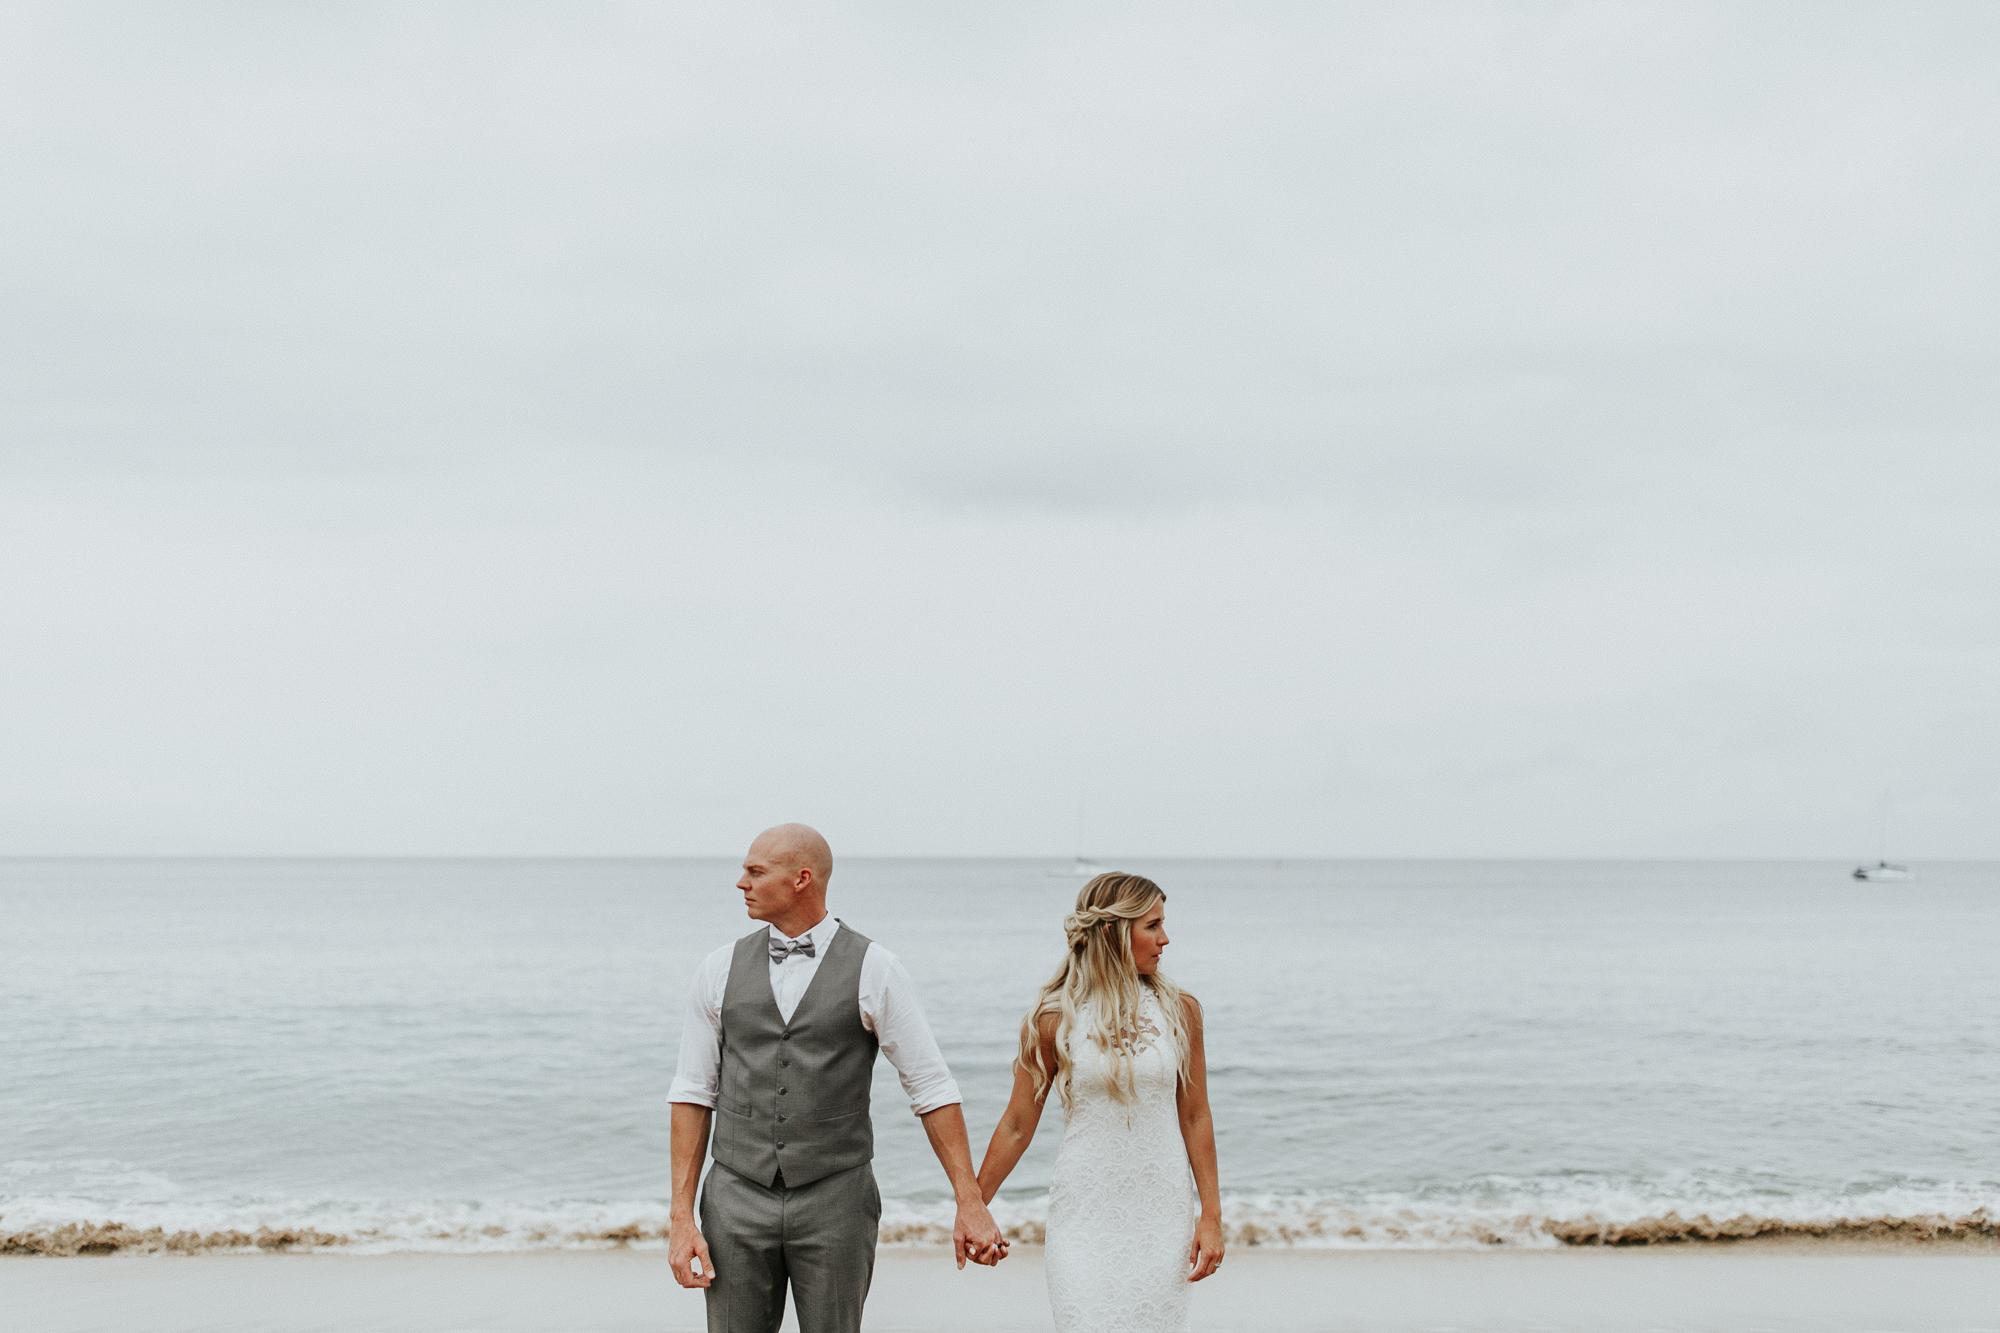 destination-wedding-photographer-hawaii-maui-elopement-50.jpg